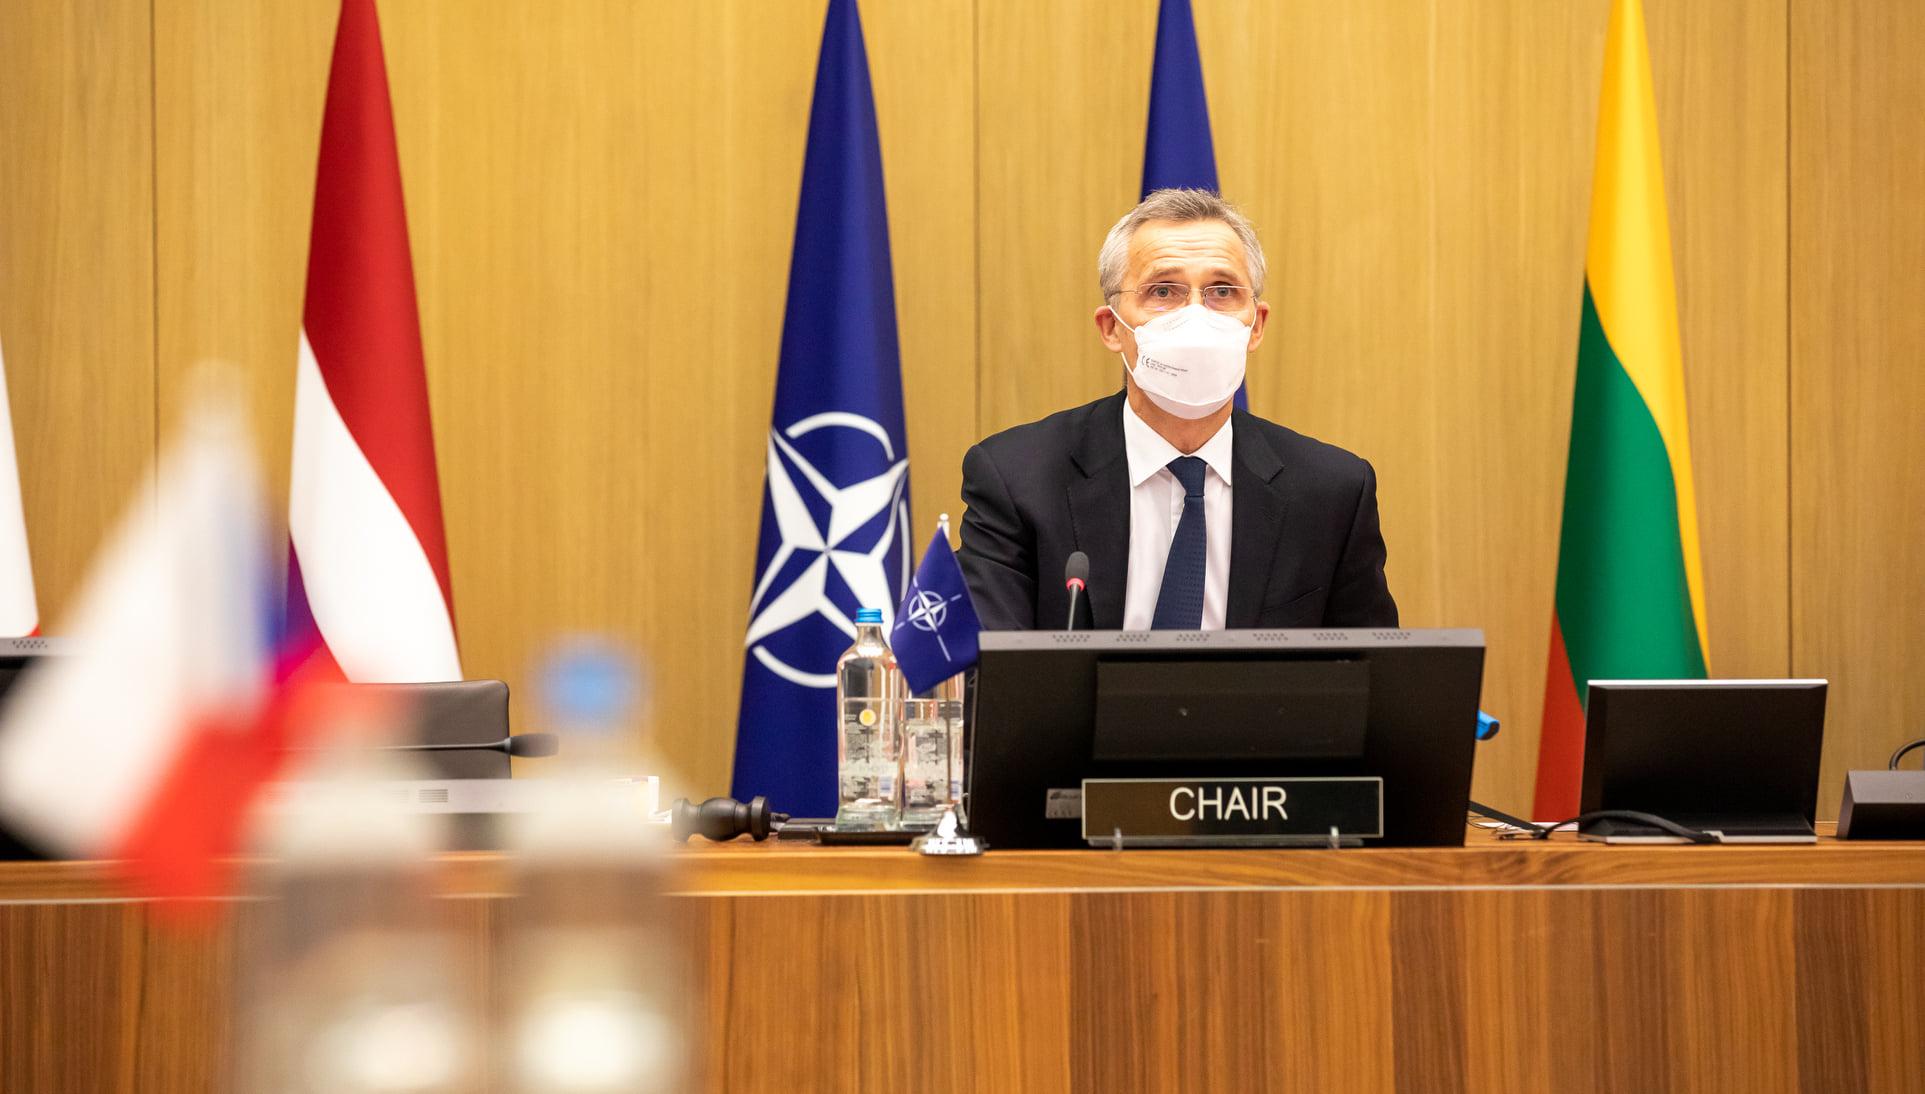 Liderii NATO au decis viitorul alianței. Cum arată agenda NATO 2030